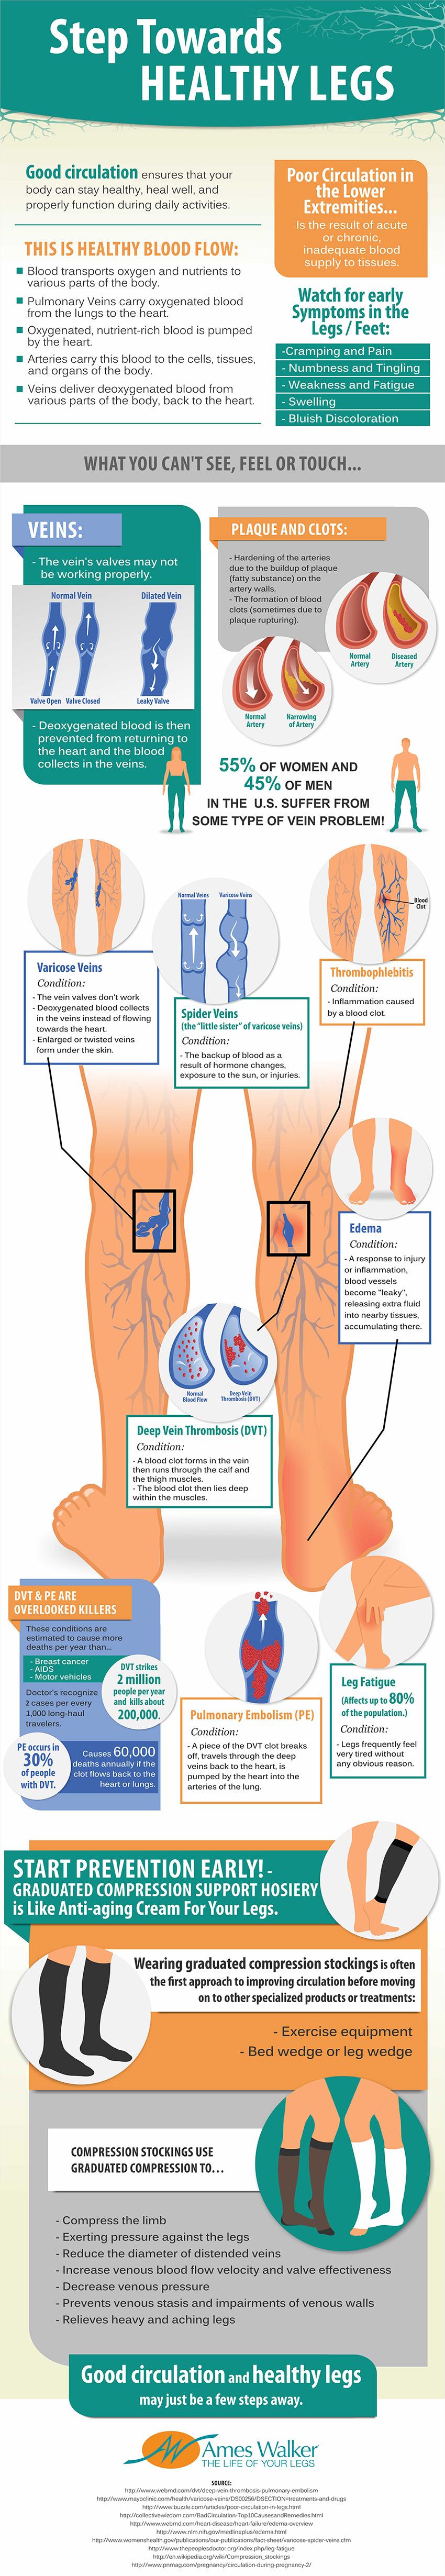 step-towards-healthy-legs_525ea702d07fe